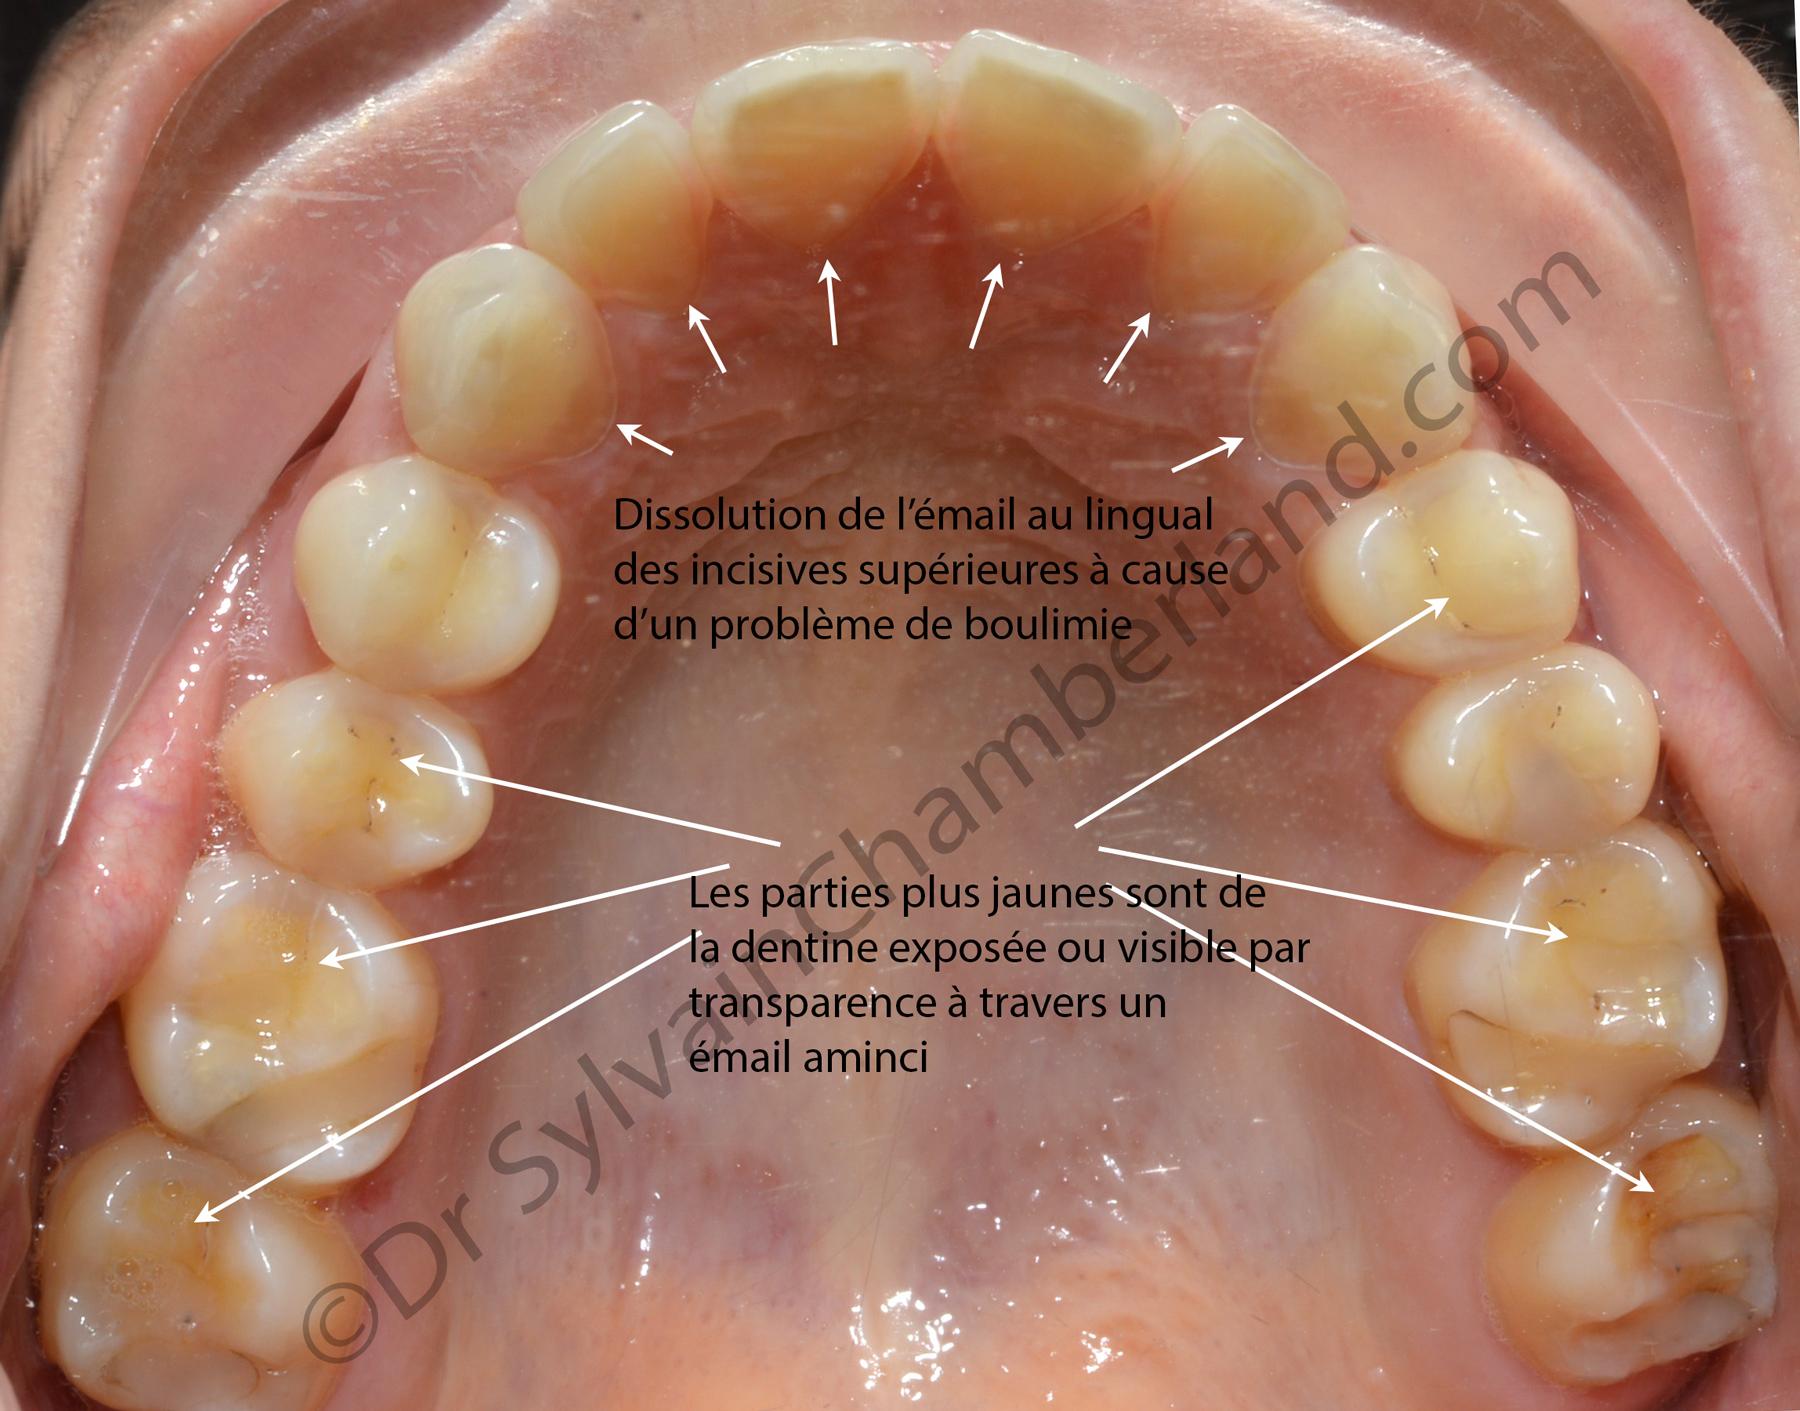 Boulimie et érosion de l'émail dentaire.